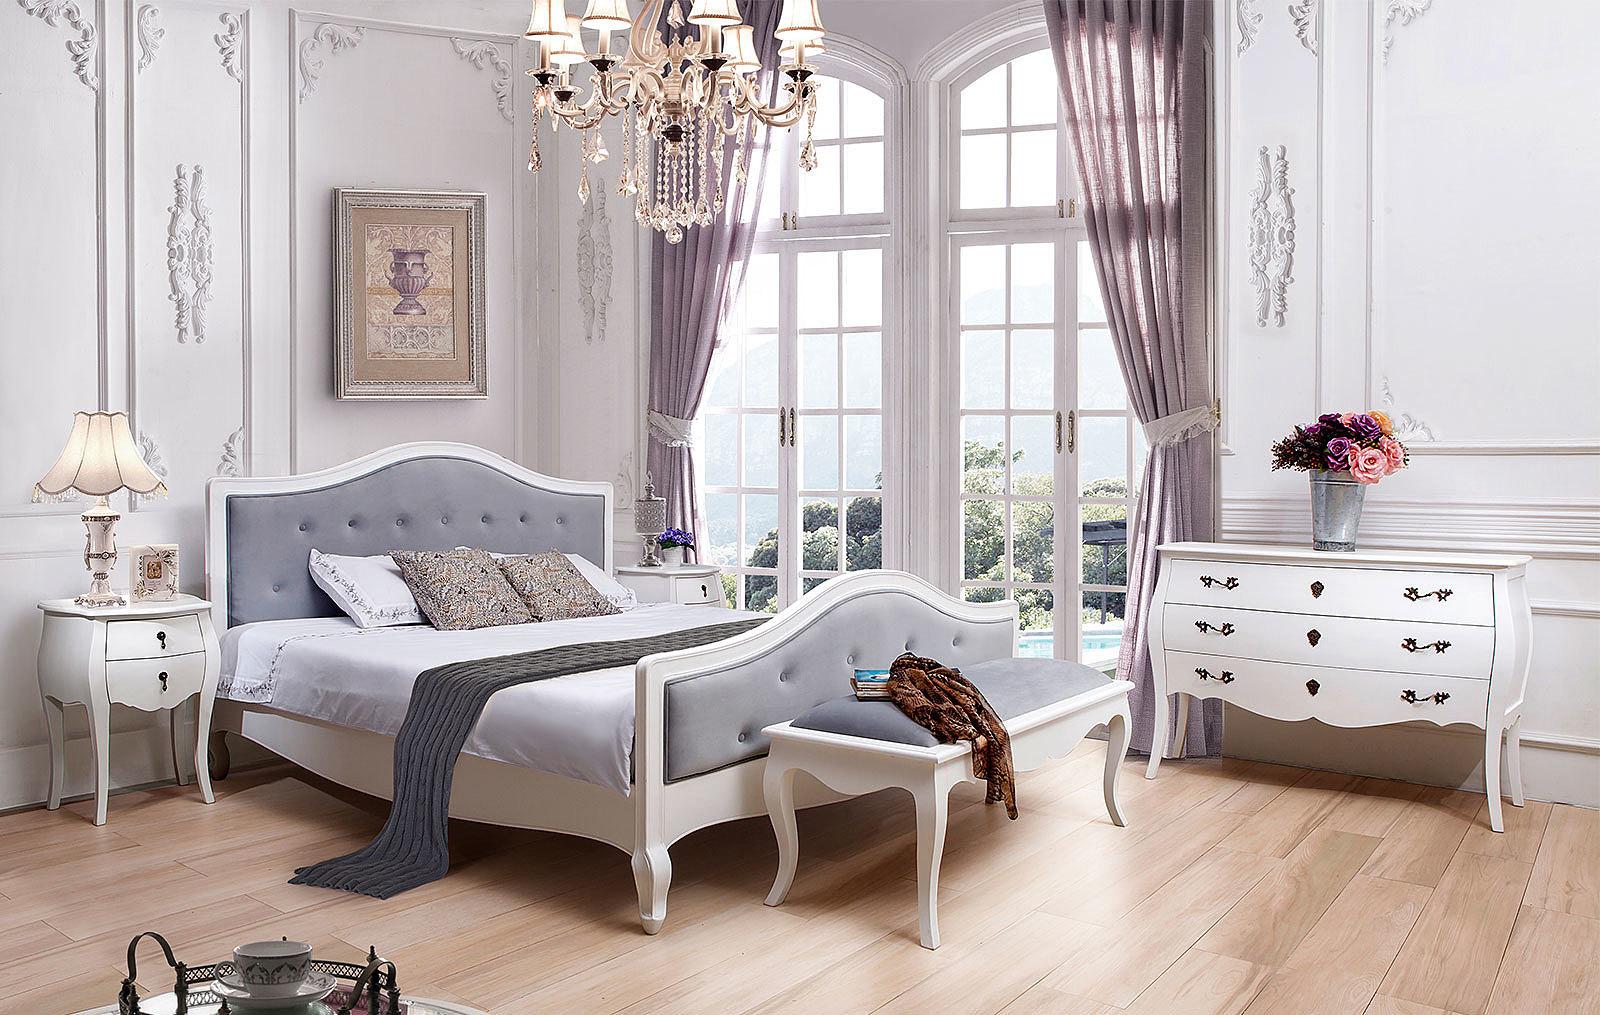 Спальня  ESFPLC, Тумбочка PLC31, Комод горизонтальный ESFPLC29 белый